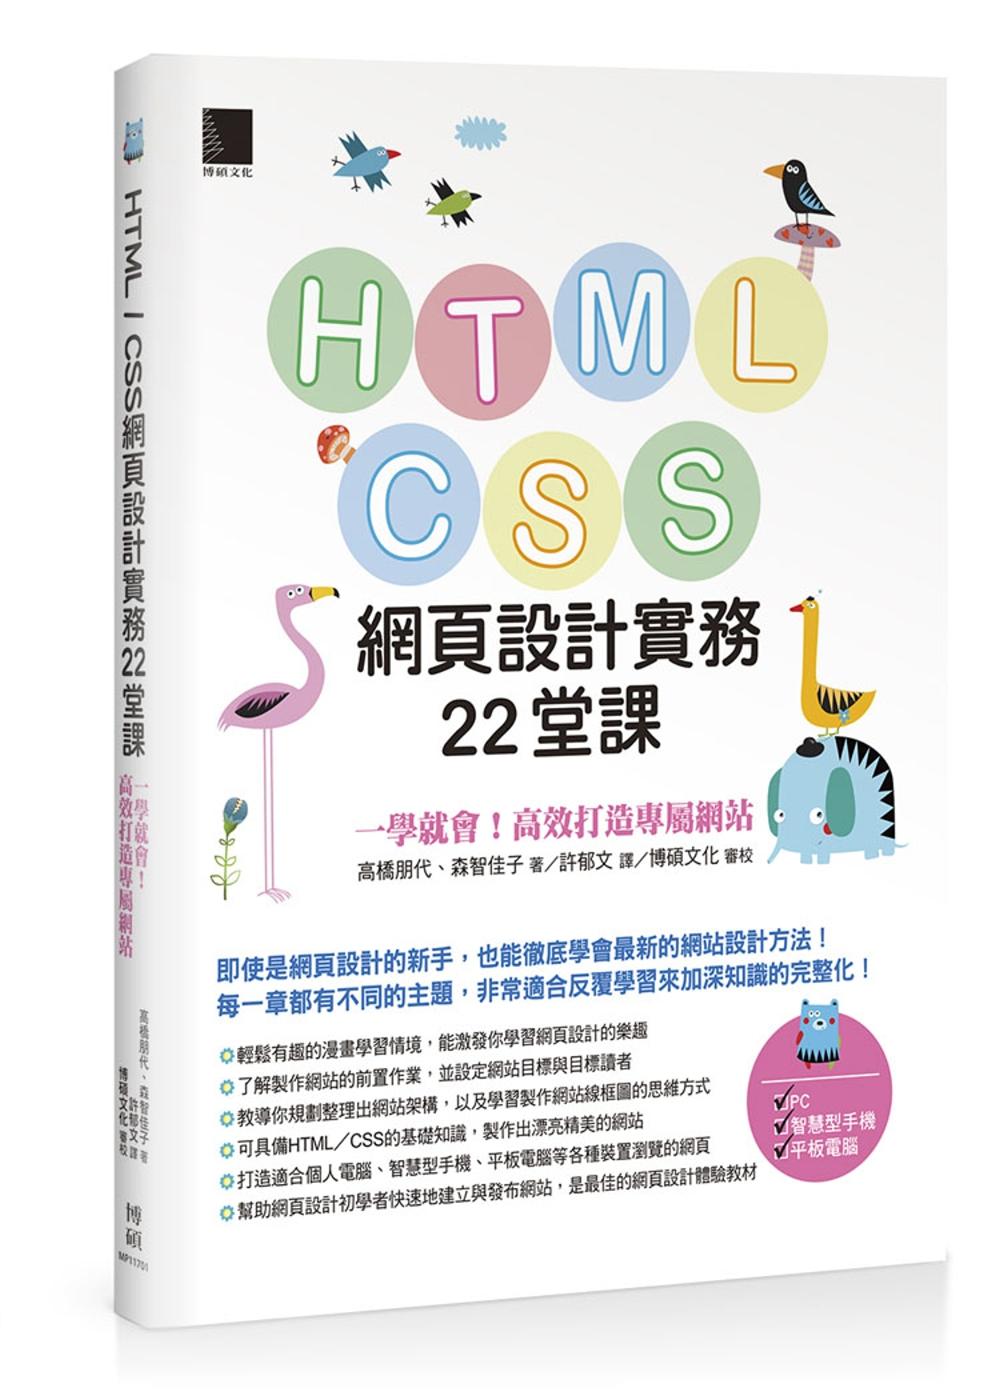 ◤博客來BOOKS◢ 暢銷書榜《推薦》HTML / CSS網頁設計實務22堂課:一學就會!高效打造專屬網站